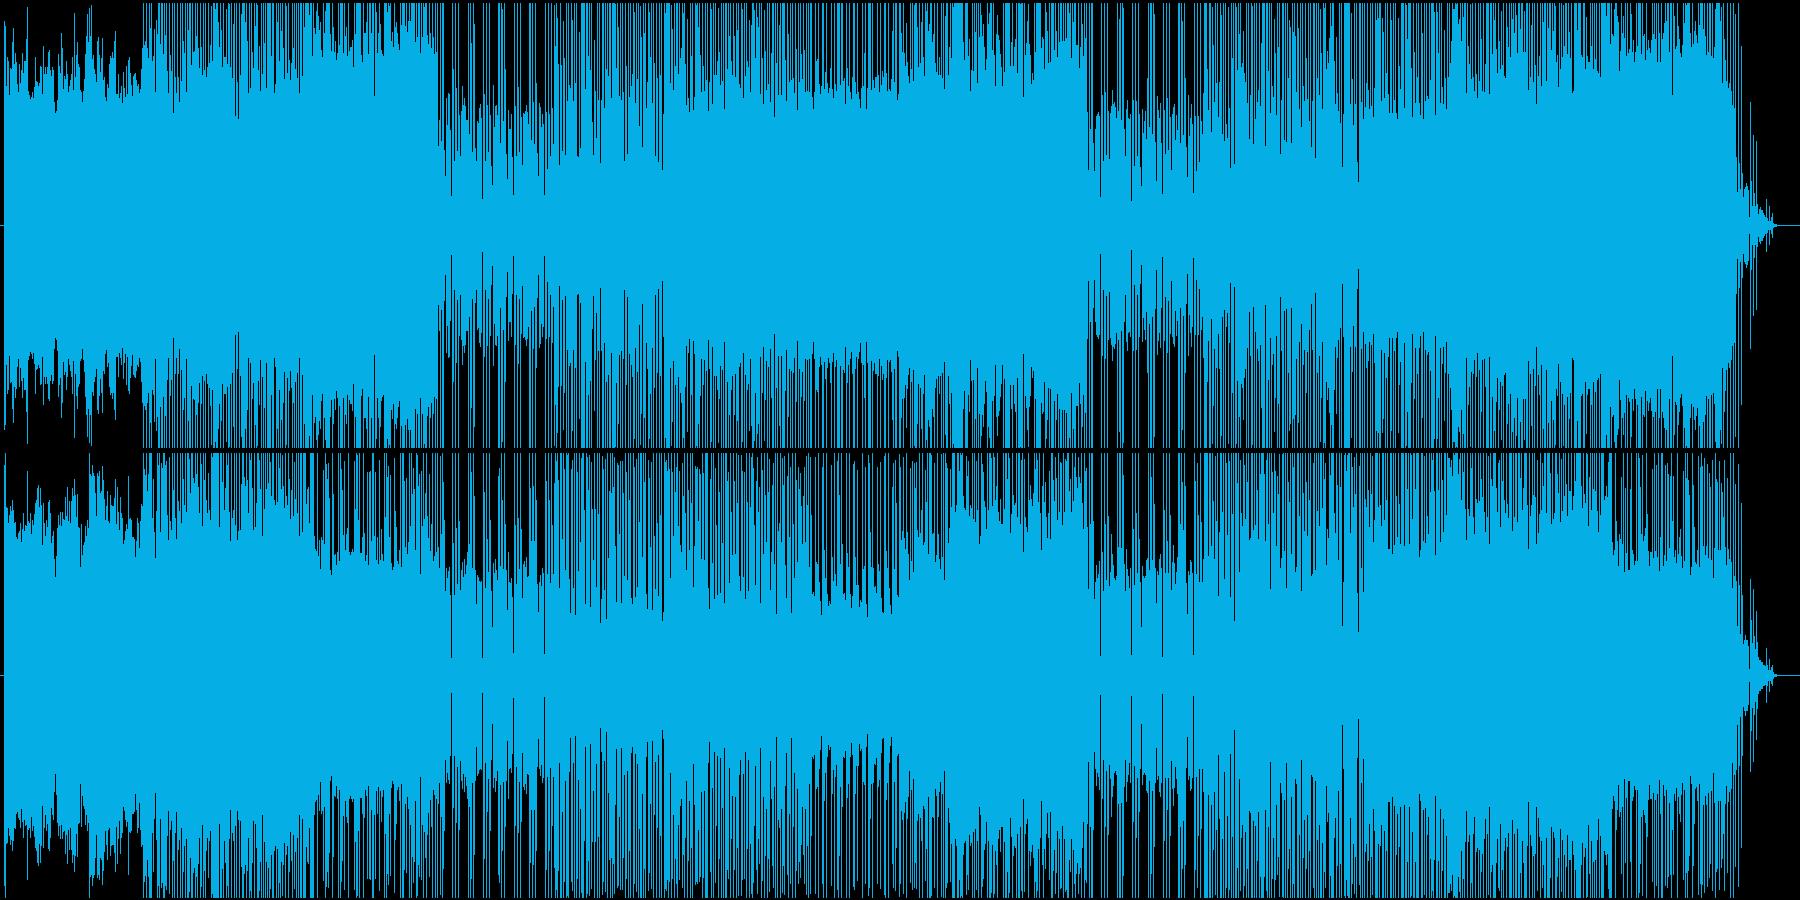 ゲーム音楽風チップチューンの再生済みの波形